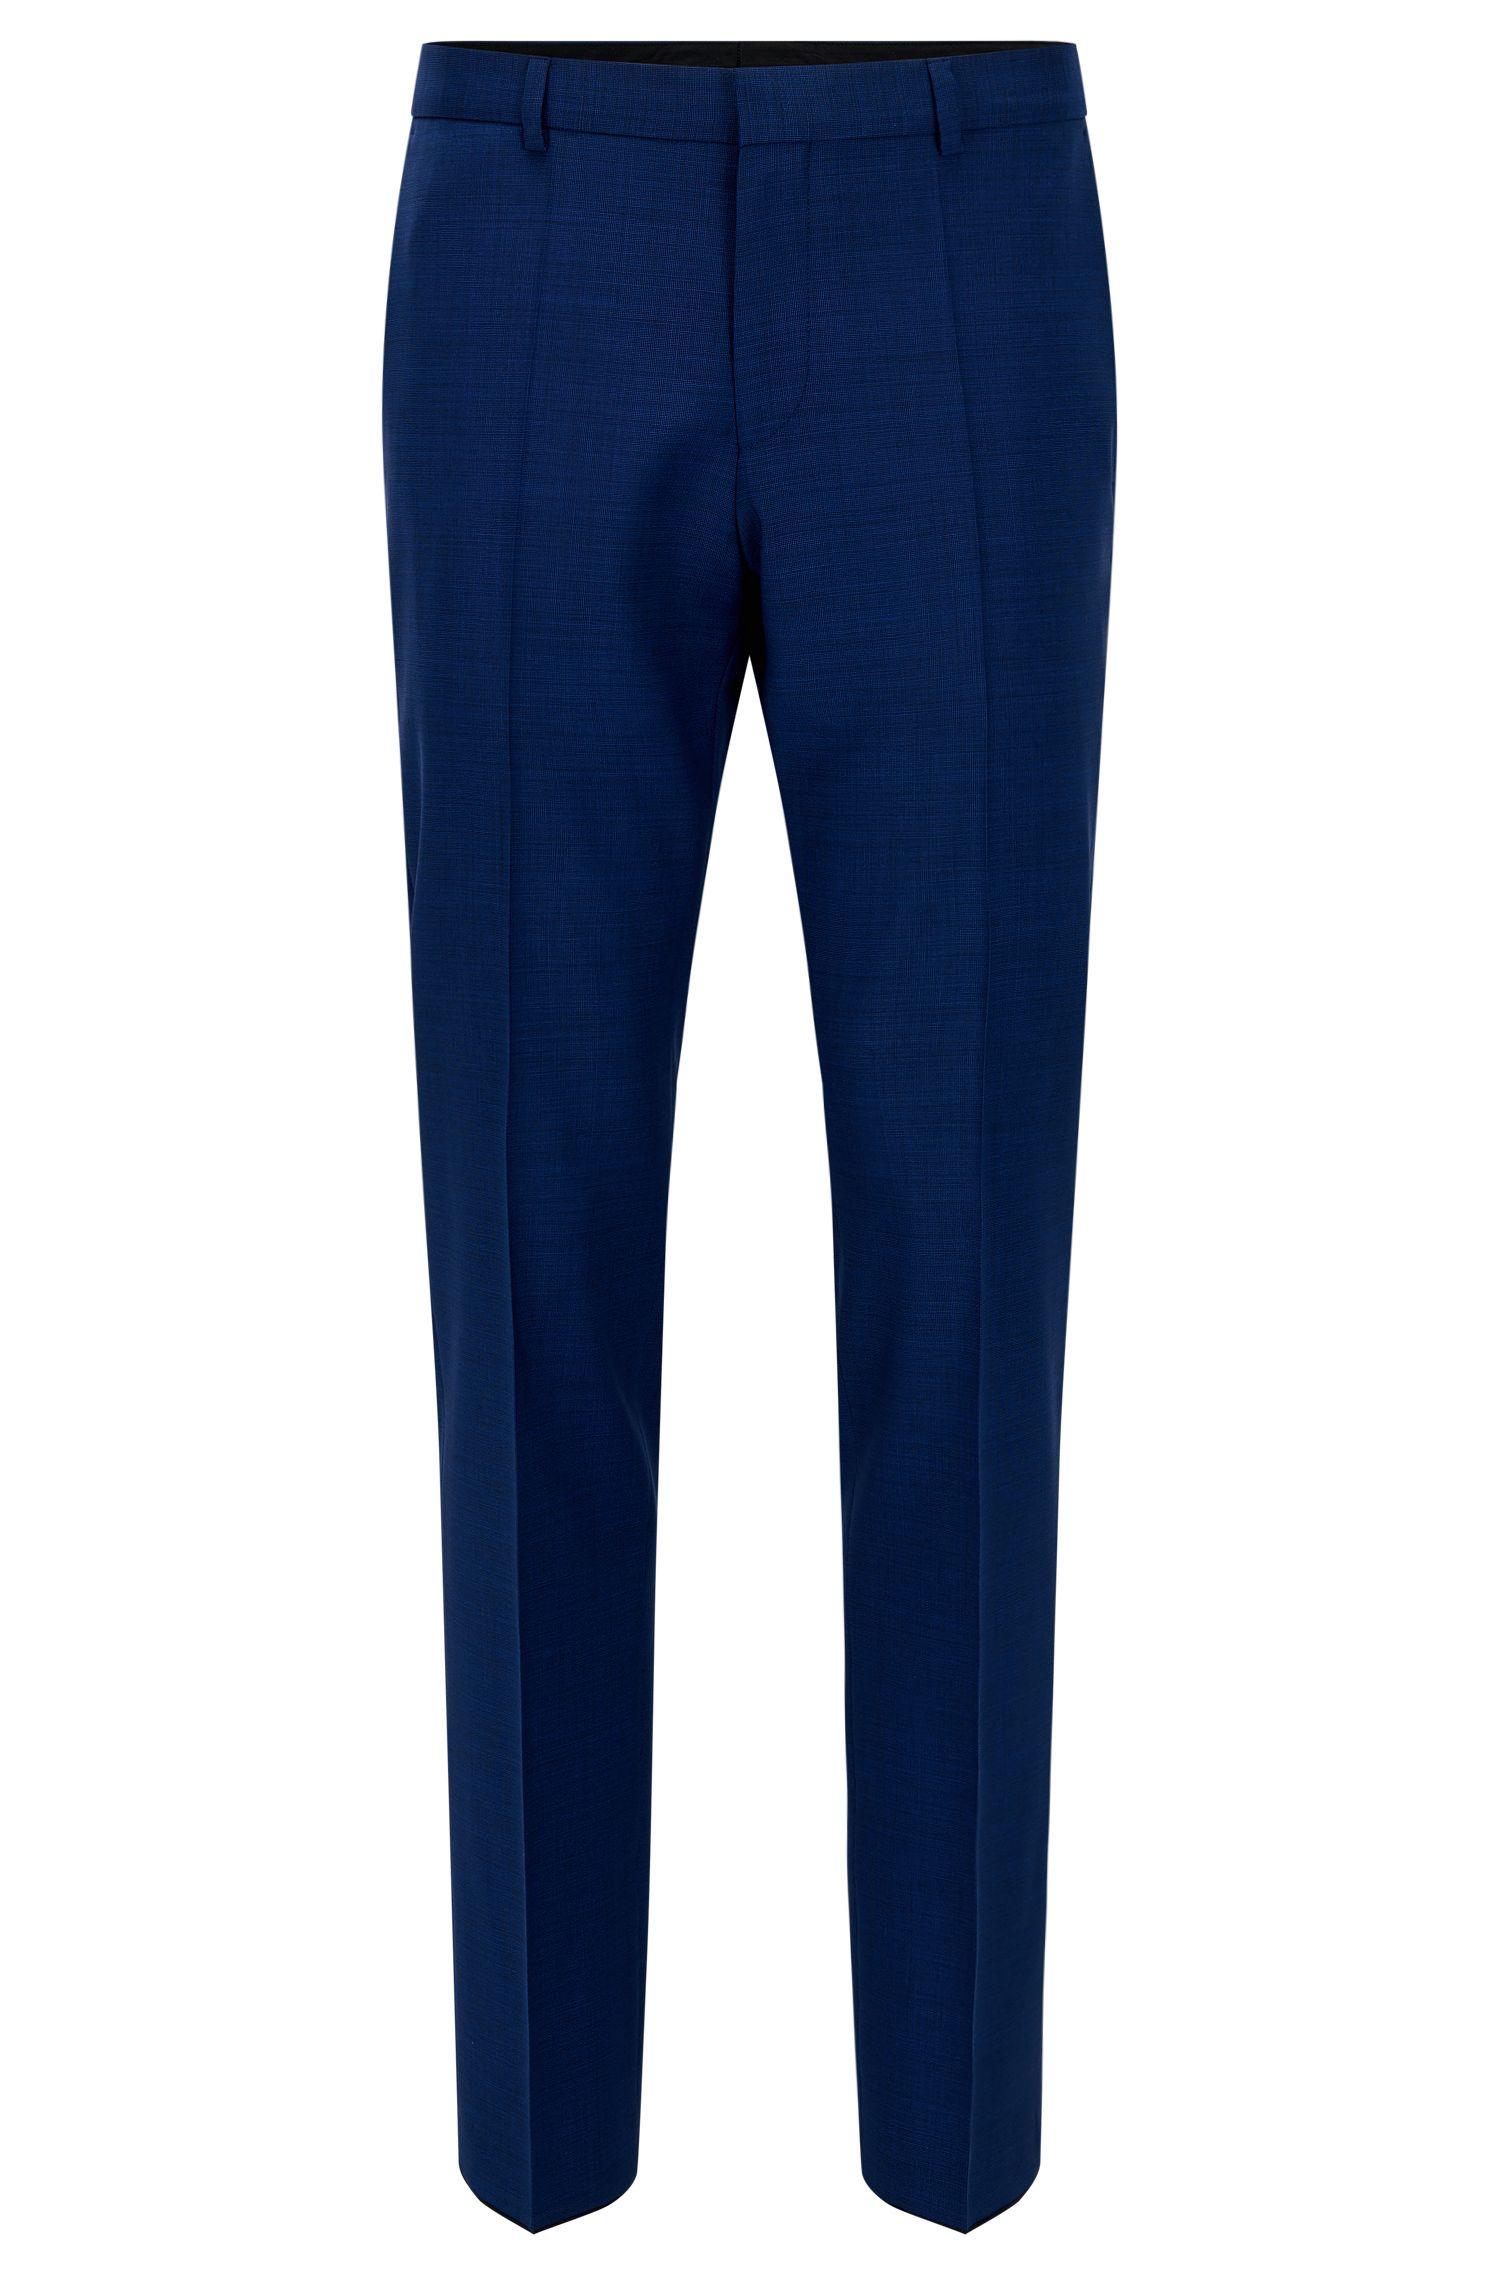 Basketweave Wool Dress Pant, Slim Fit | C-Genius